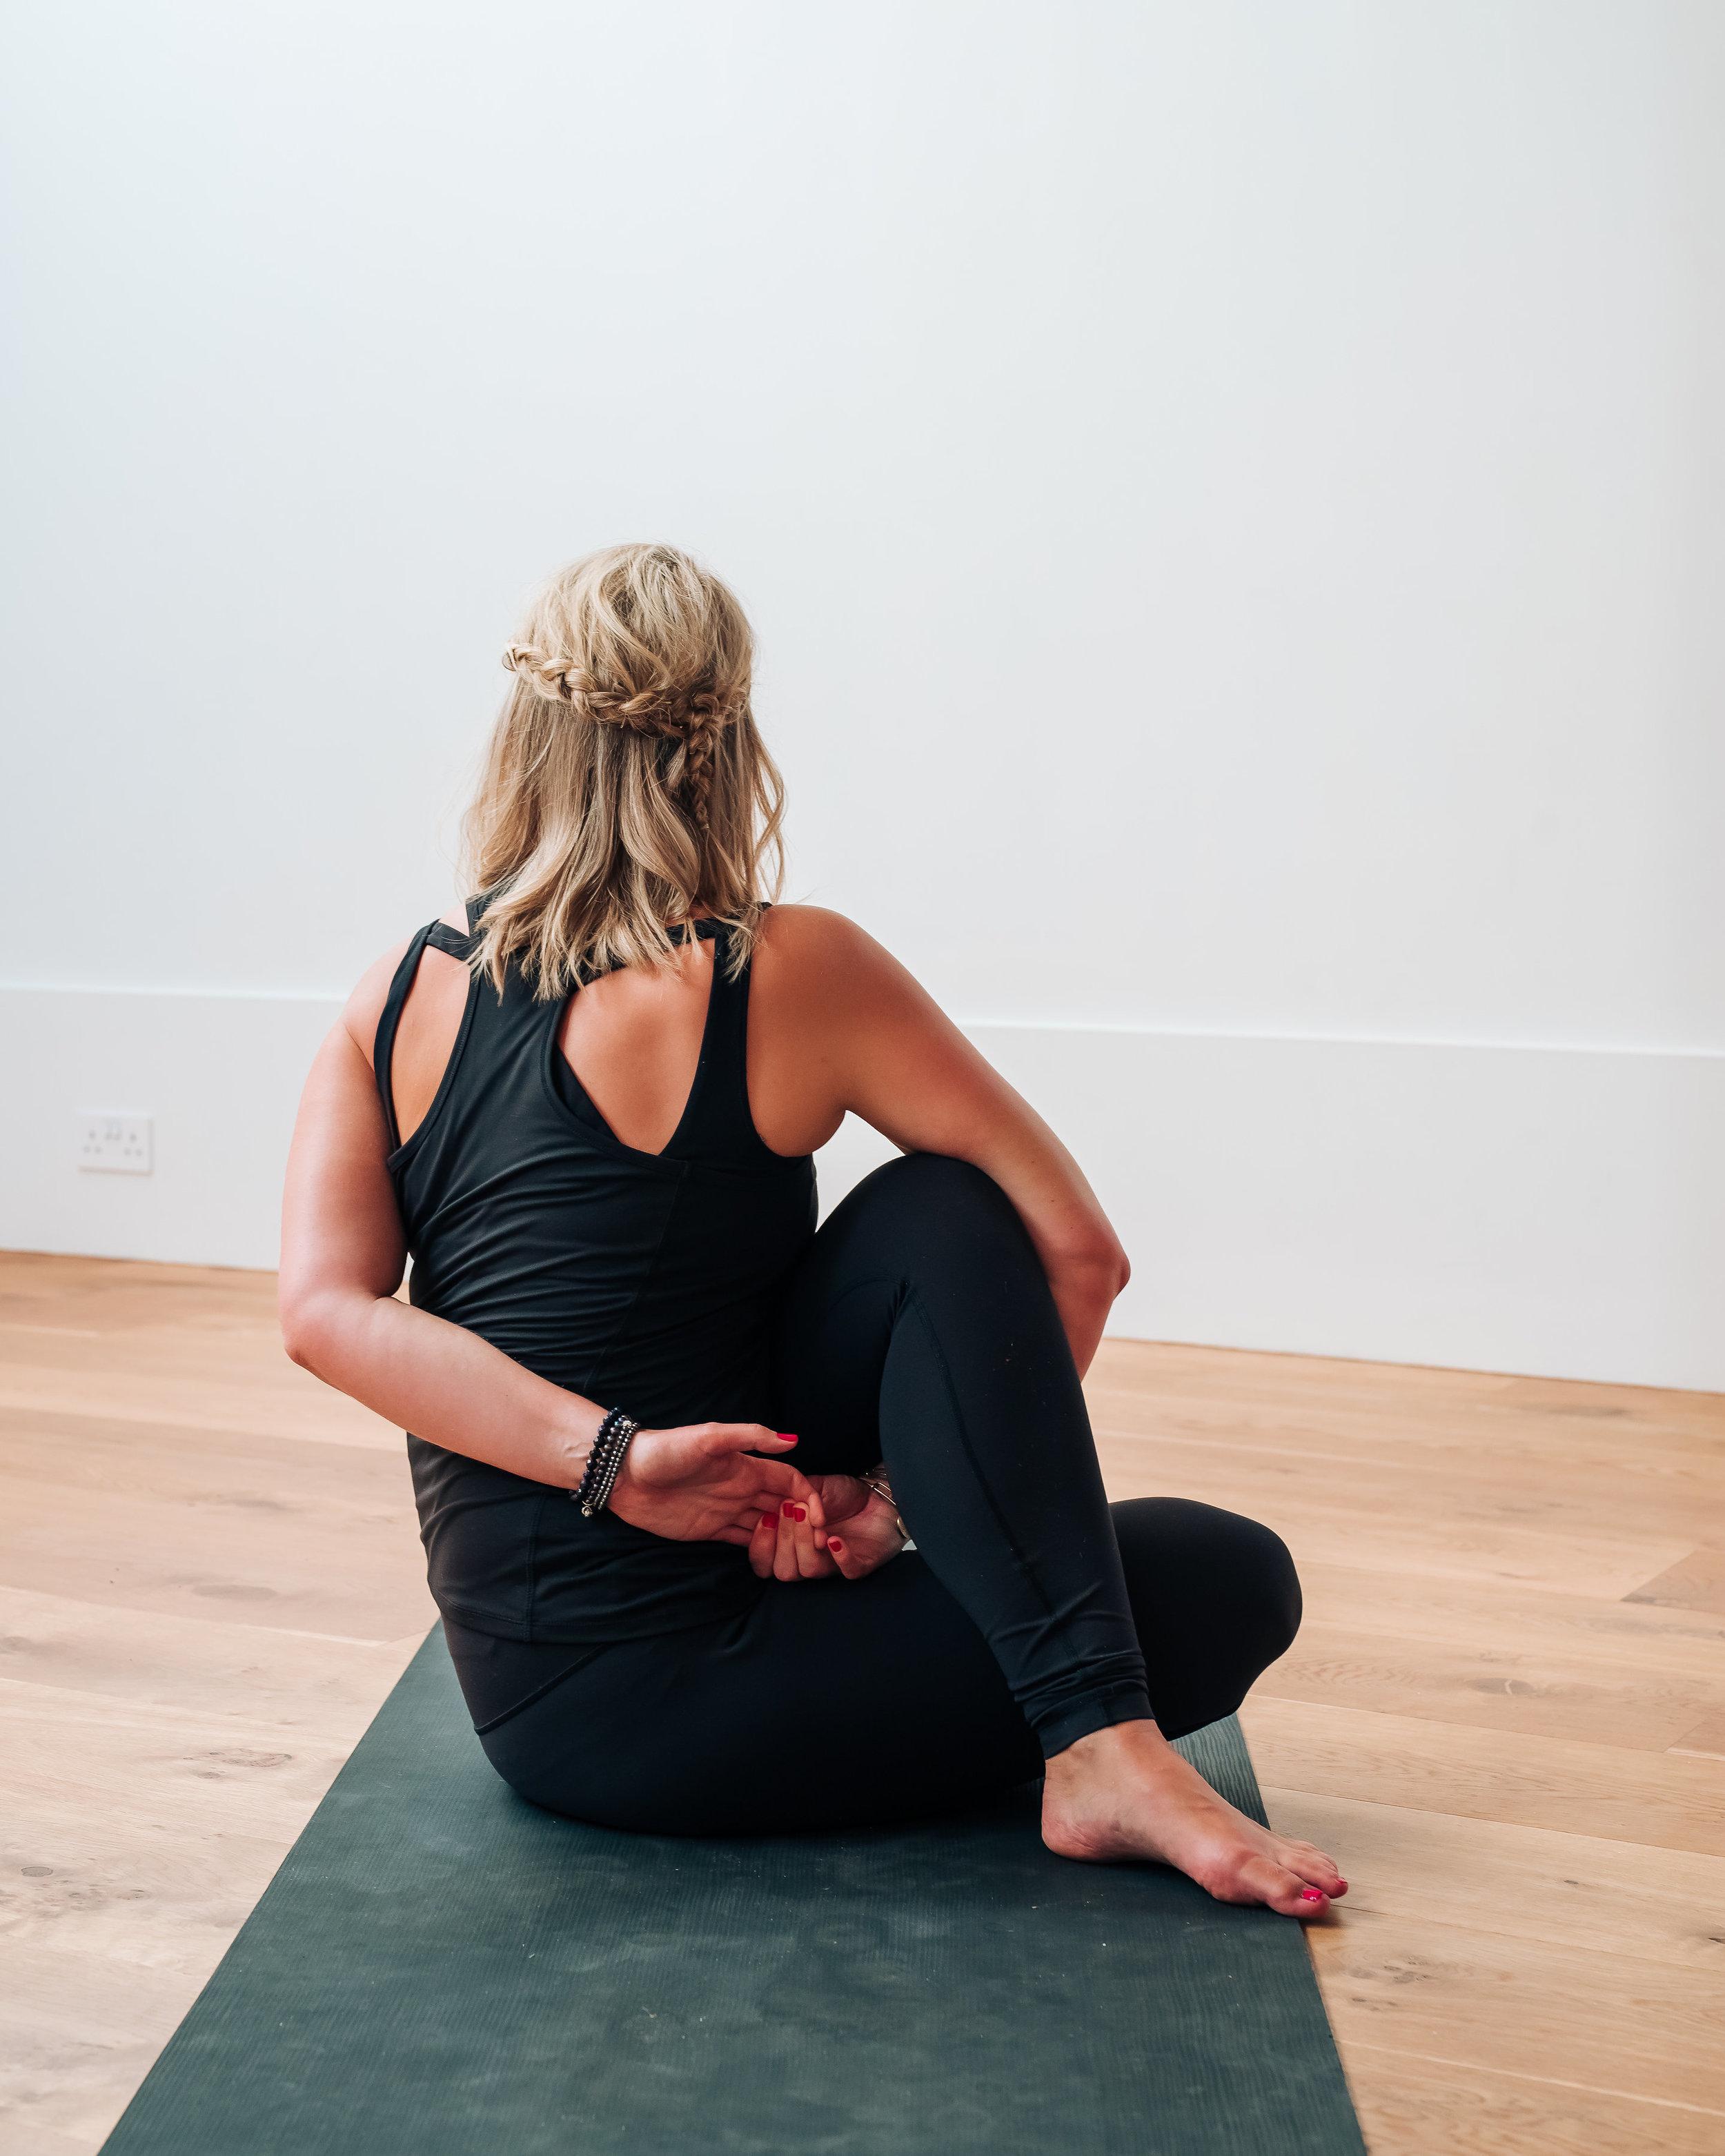 rathgar-yoga-vinyasa-flow-aisling-milne.png